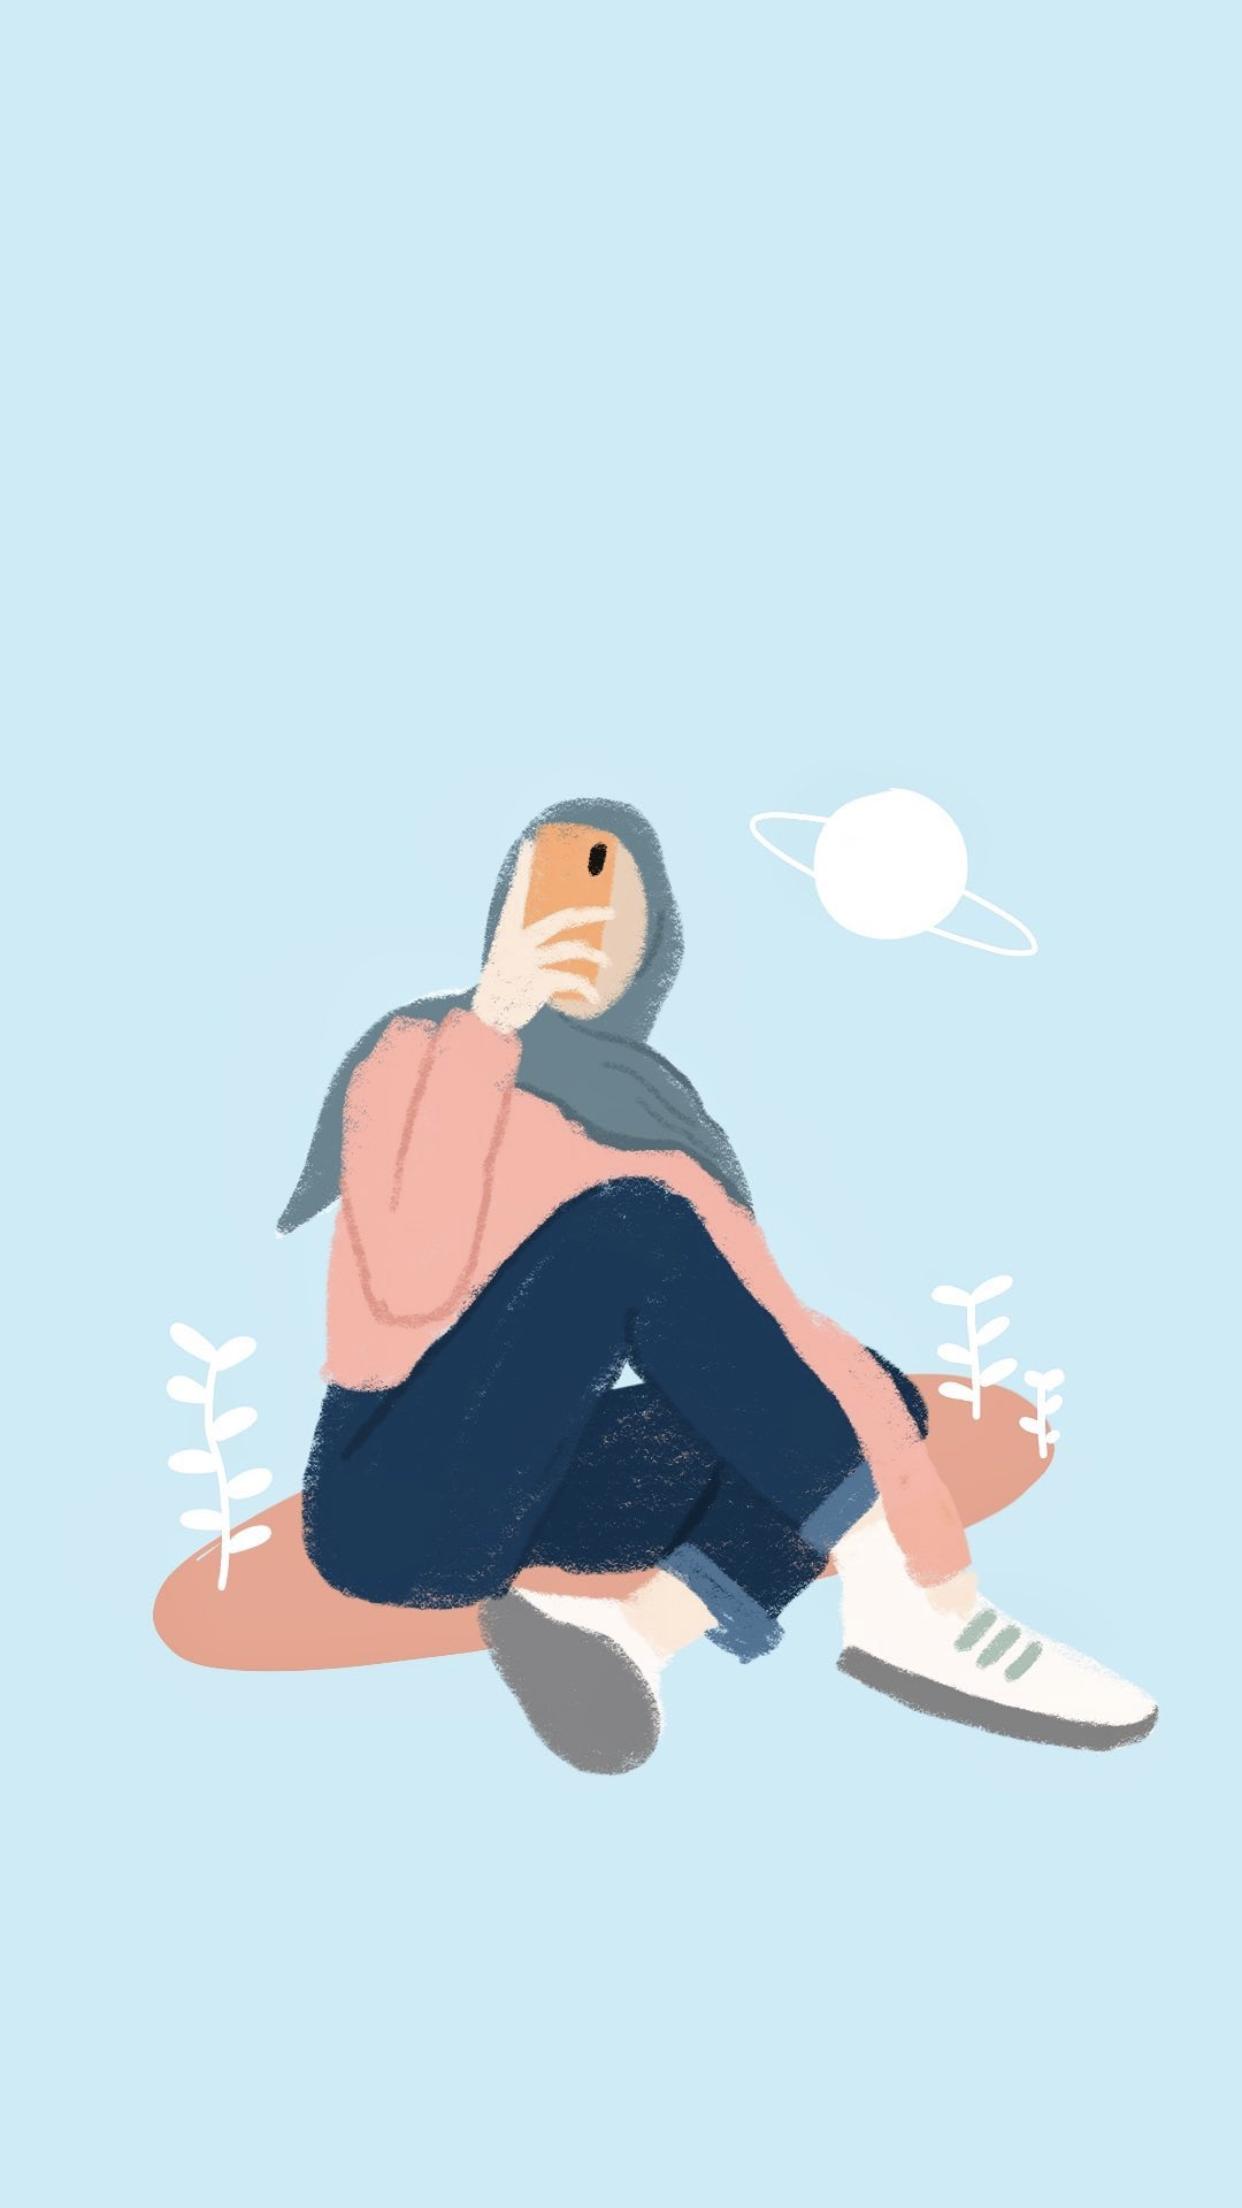 Foto kartun dengan hijab style yang bisa kamu gunakan untuk di jadikan foto profil alias pp di akun sosmed mu baik itu whatsapp, instagram,. Pin By Sabrina Caetano On Moodcewekk Ilustrasi Karakter Ilustrasi Lukisan Ilustrasi